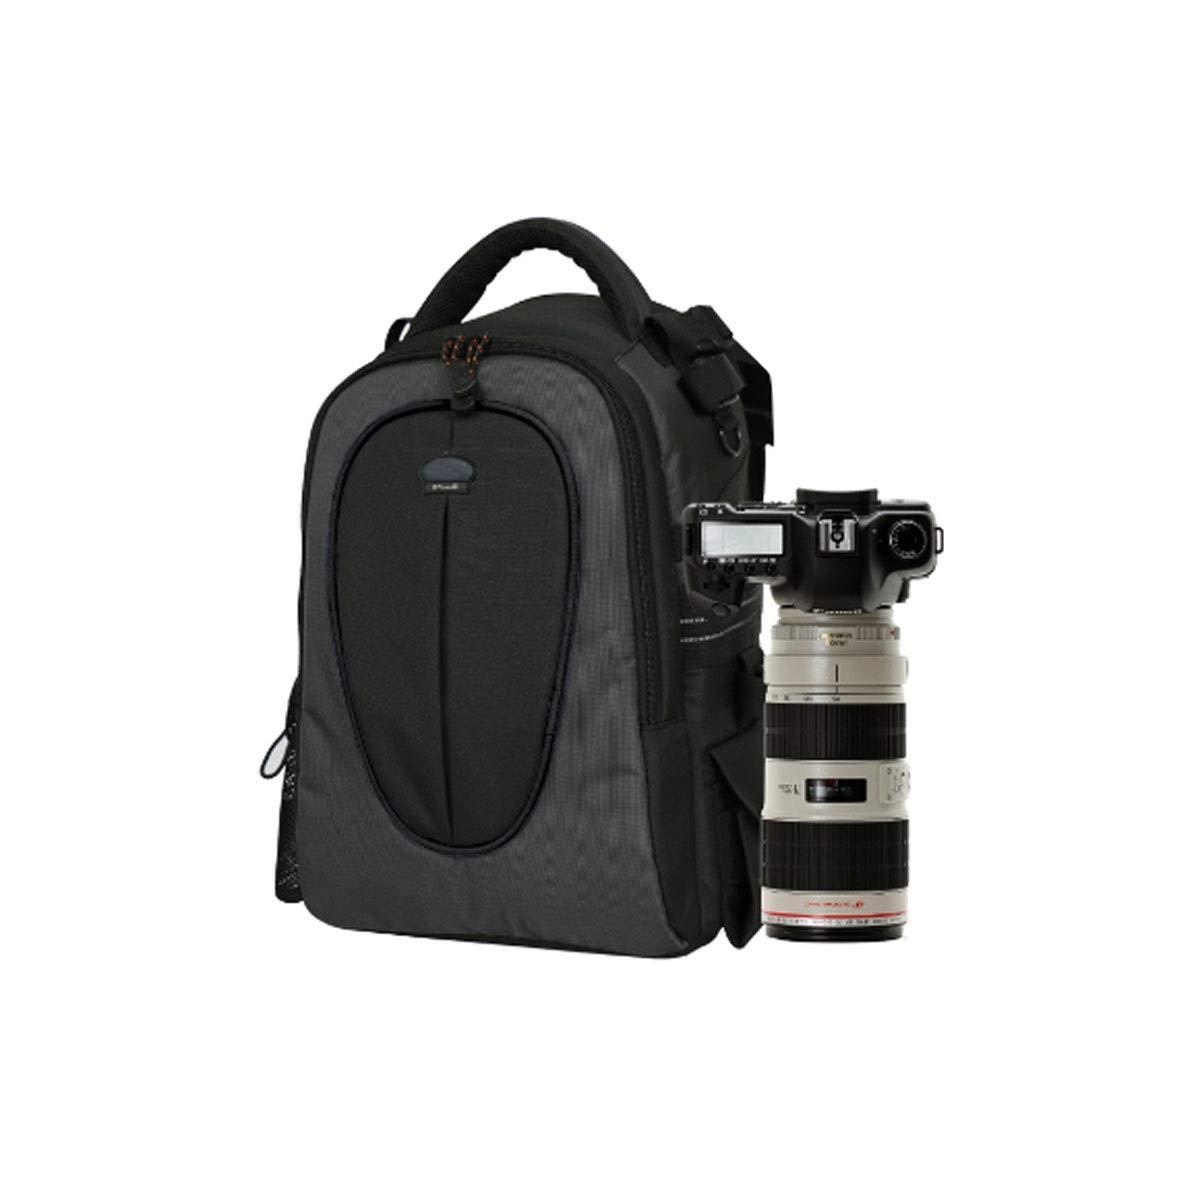 カメラバッグ、ワンショルダーデジタルカメラバックパック、ショルダー一眼レフトラベルミニマリストデザイン、ブラック (Color : Black)   B07R3JGXH1